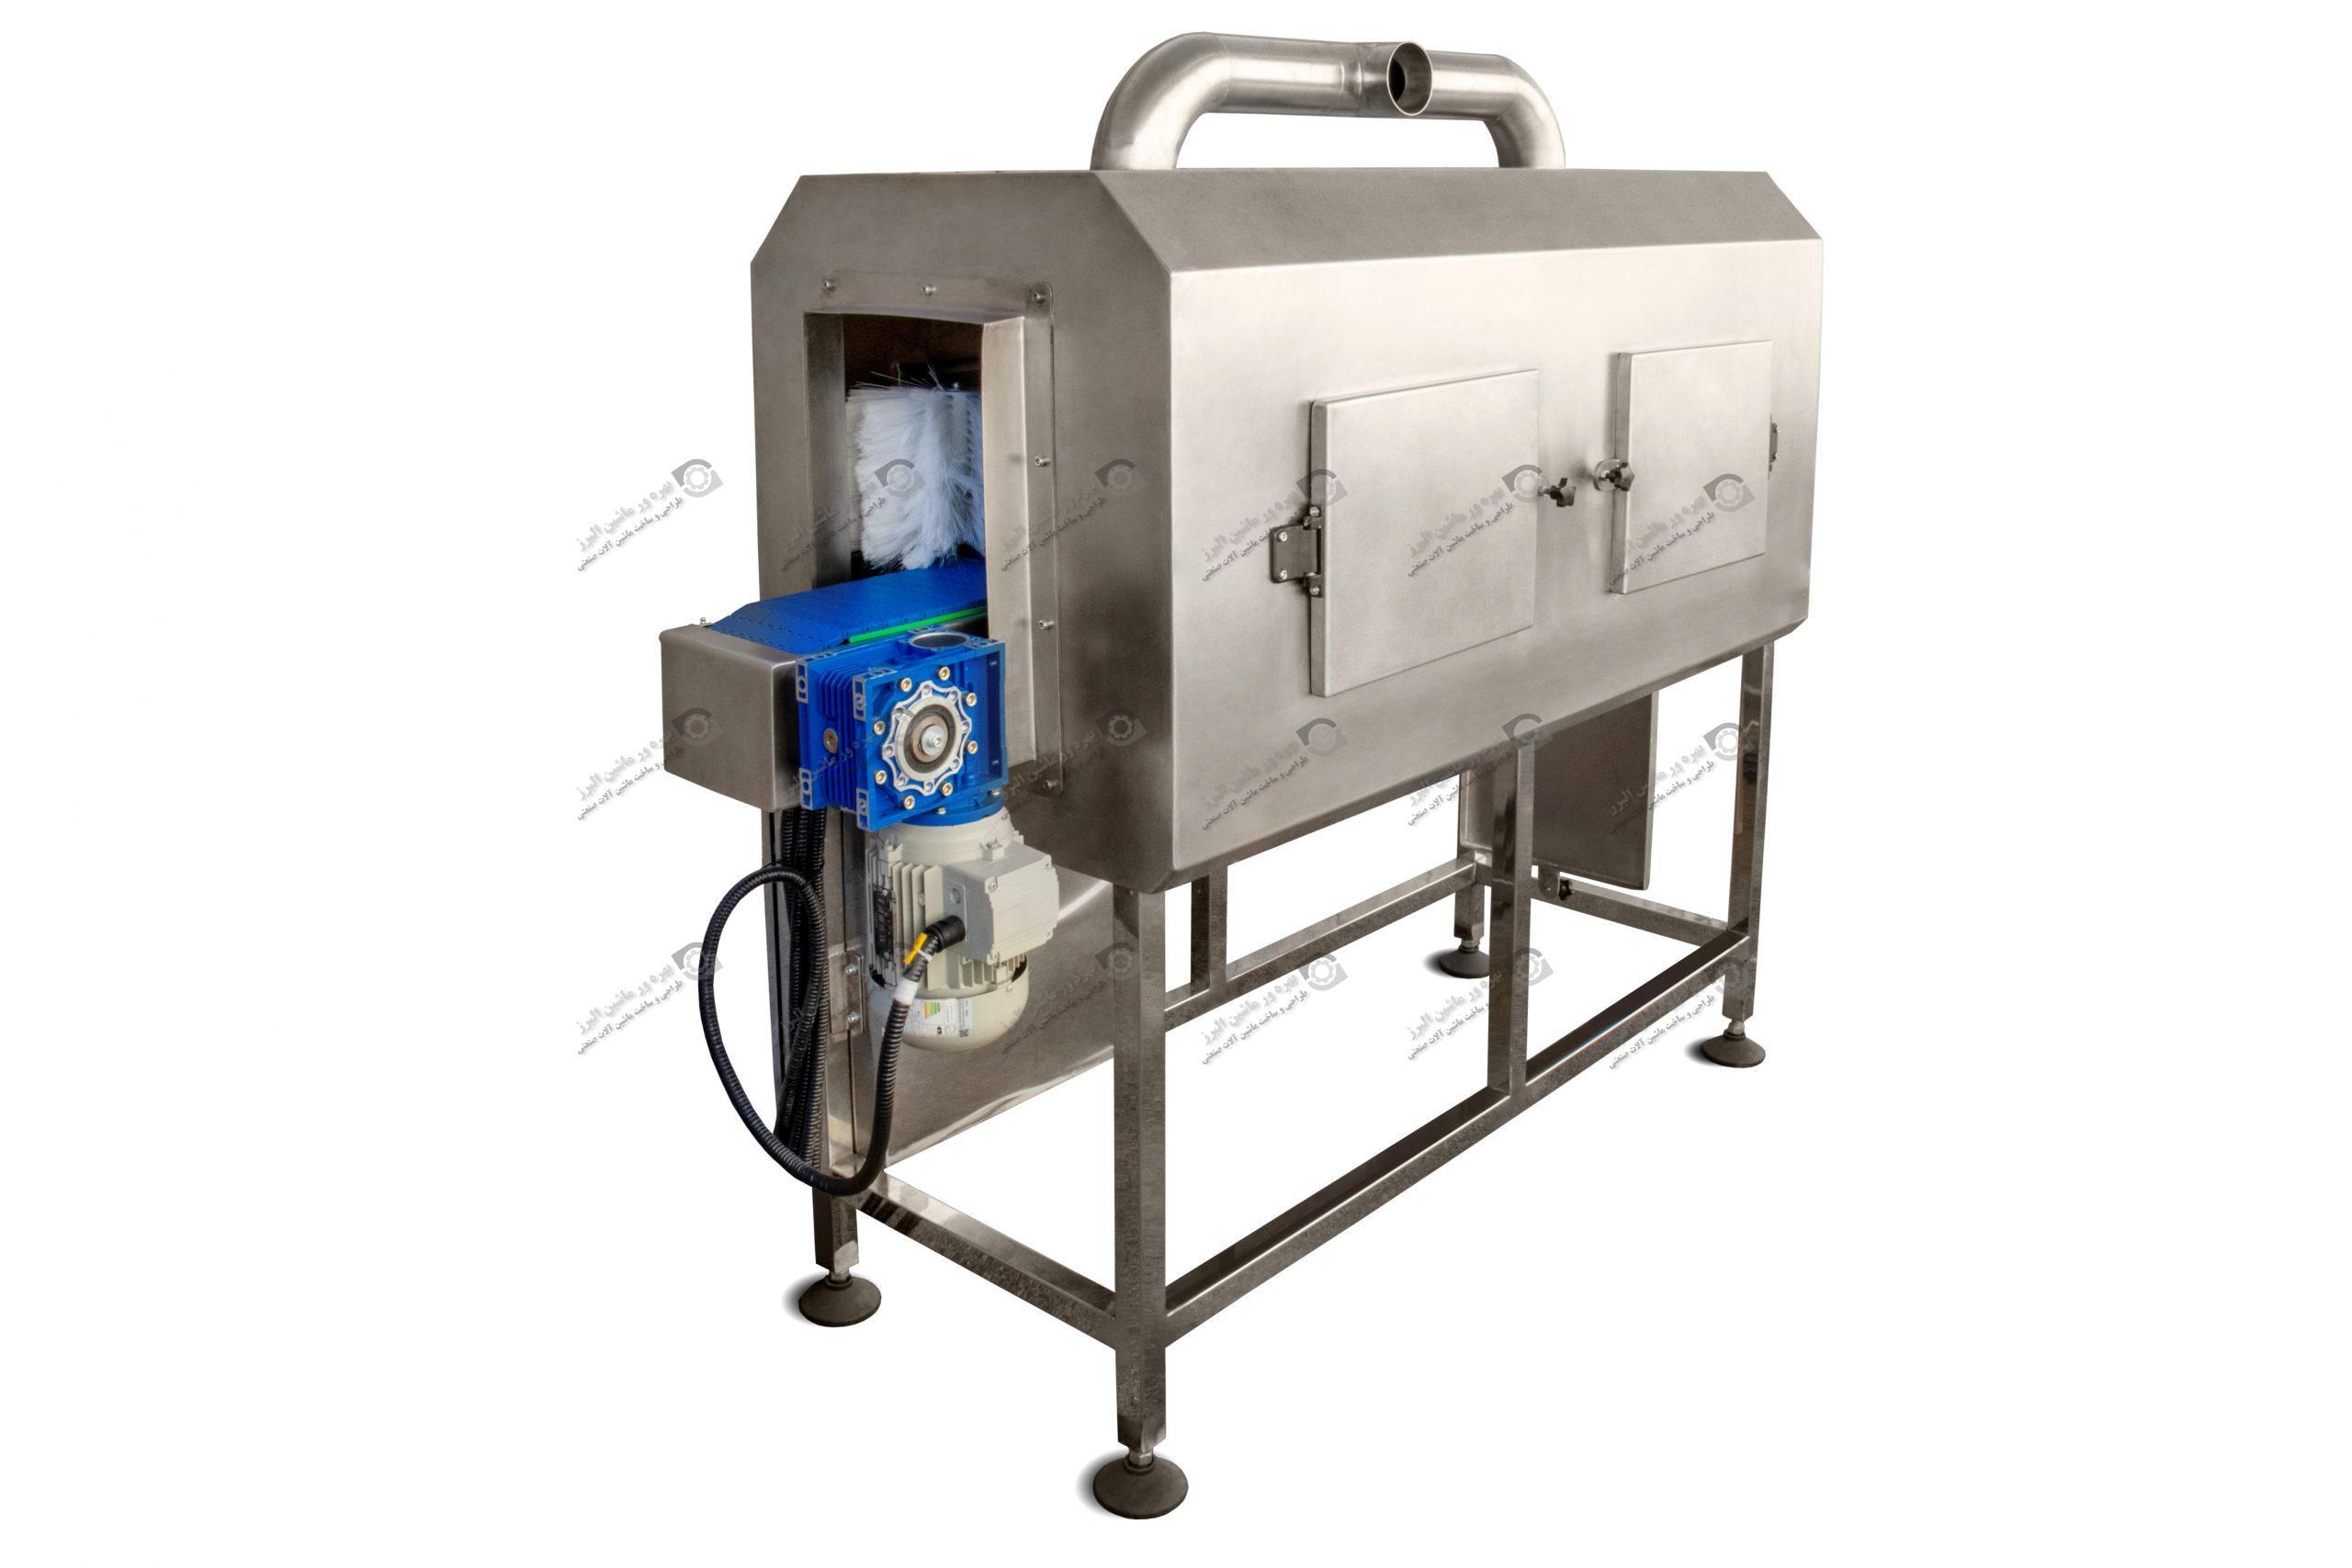 این دستگاه برای نظافت بطری های پر به کار می رود.